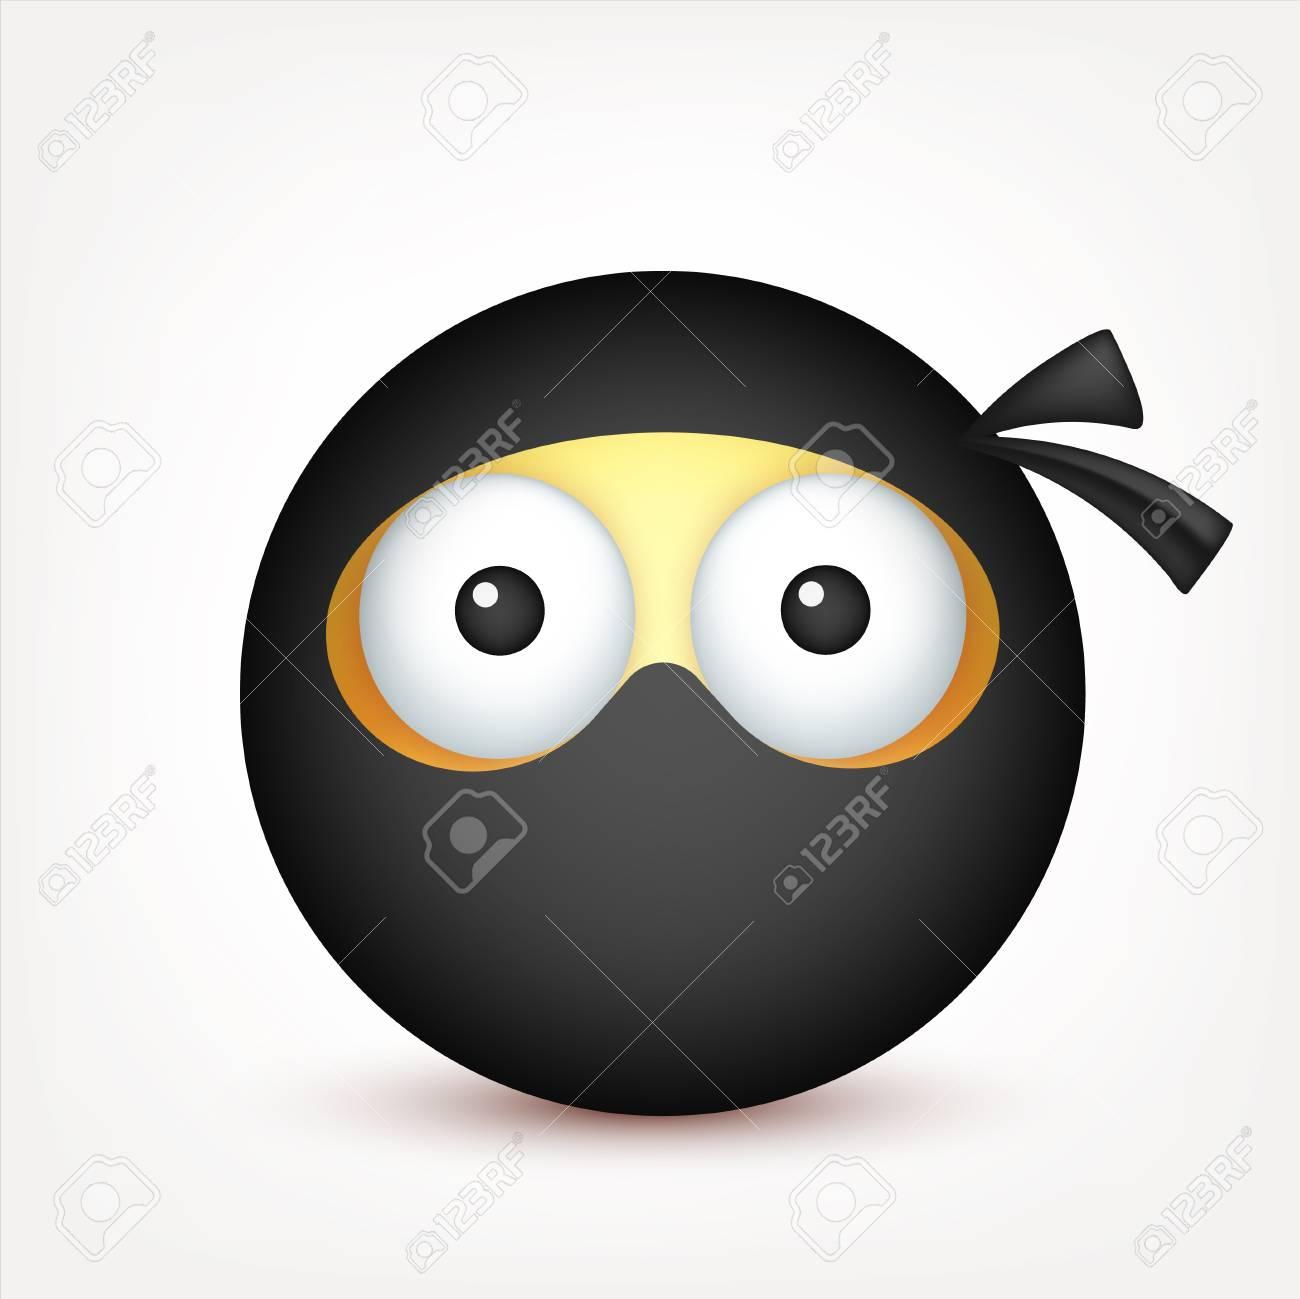 Smiley Emoticone Ninja Visage Jaune Avec Des Emotions Expression Faciale Emoji Realiste 3d Personnage Drole De Bande Dessinee Icone Web Illustration Vectorielle Clip Art Libres De Droits Vecteurs Et Illustration Image 79566385